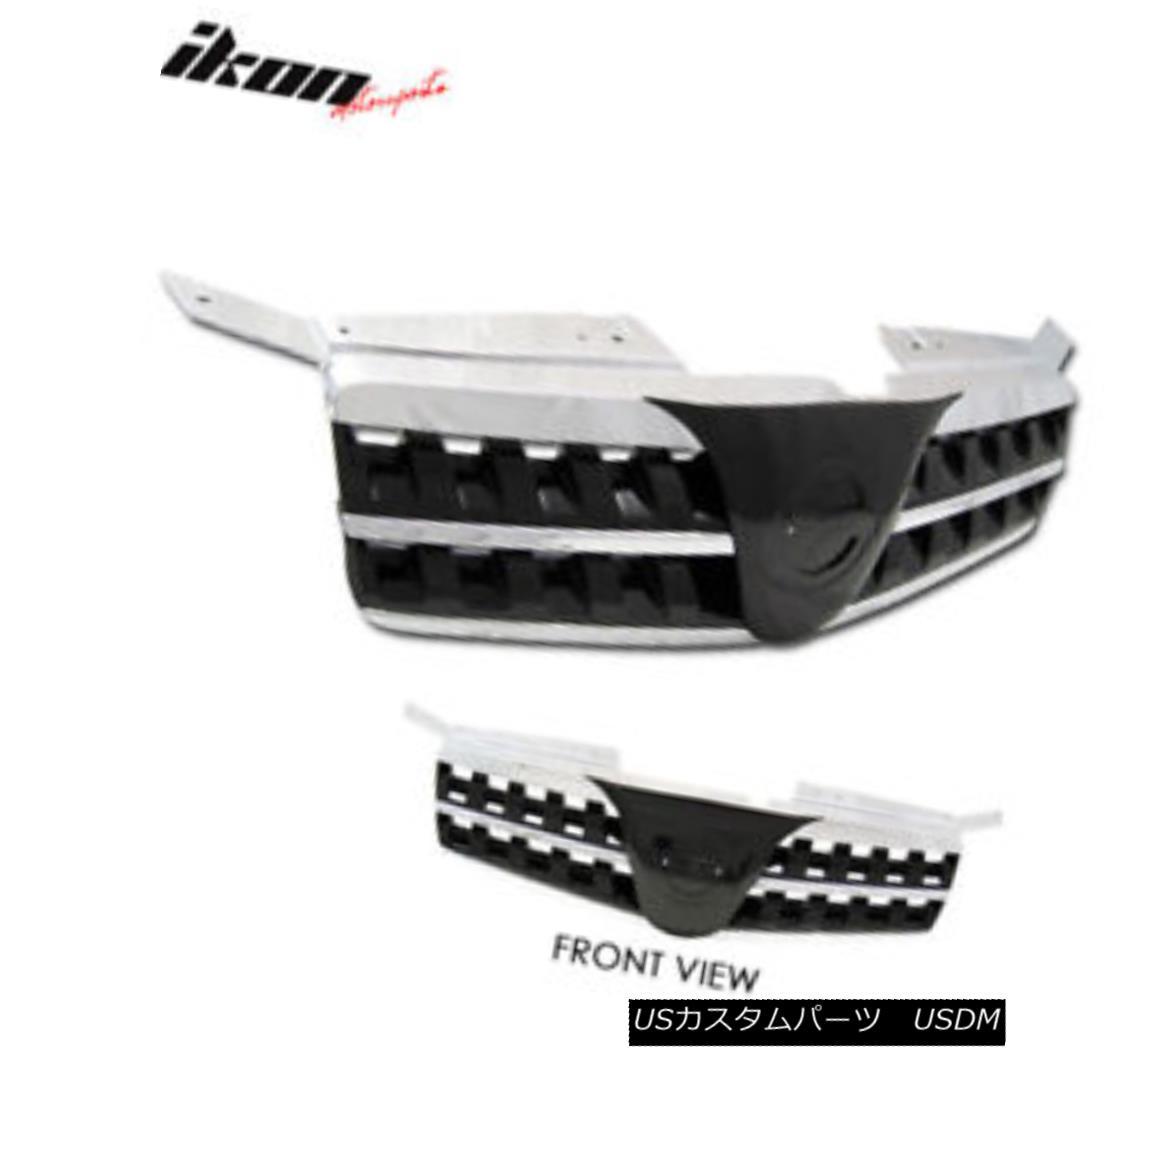 グリル Fit For 04-06 Nissan Maxima Black Sports Hood Grille Grill フィット04-06日産マキシマブラックスポーツフードグリルグリル